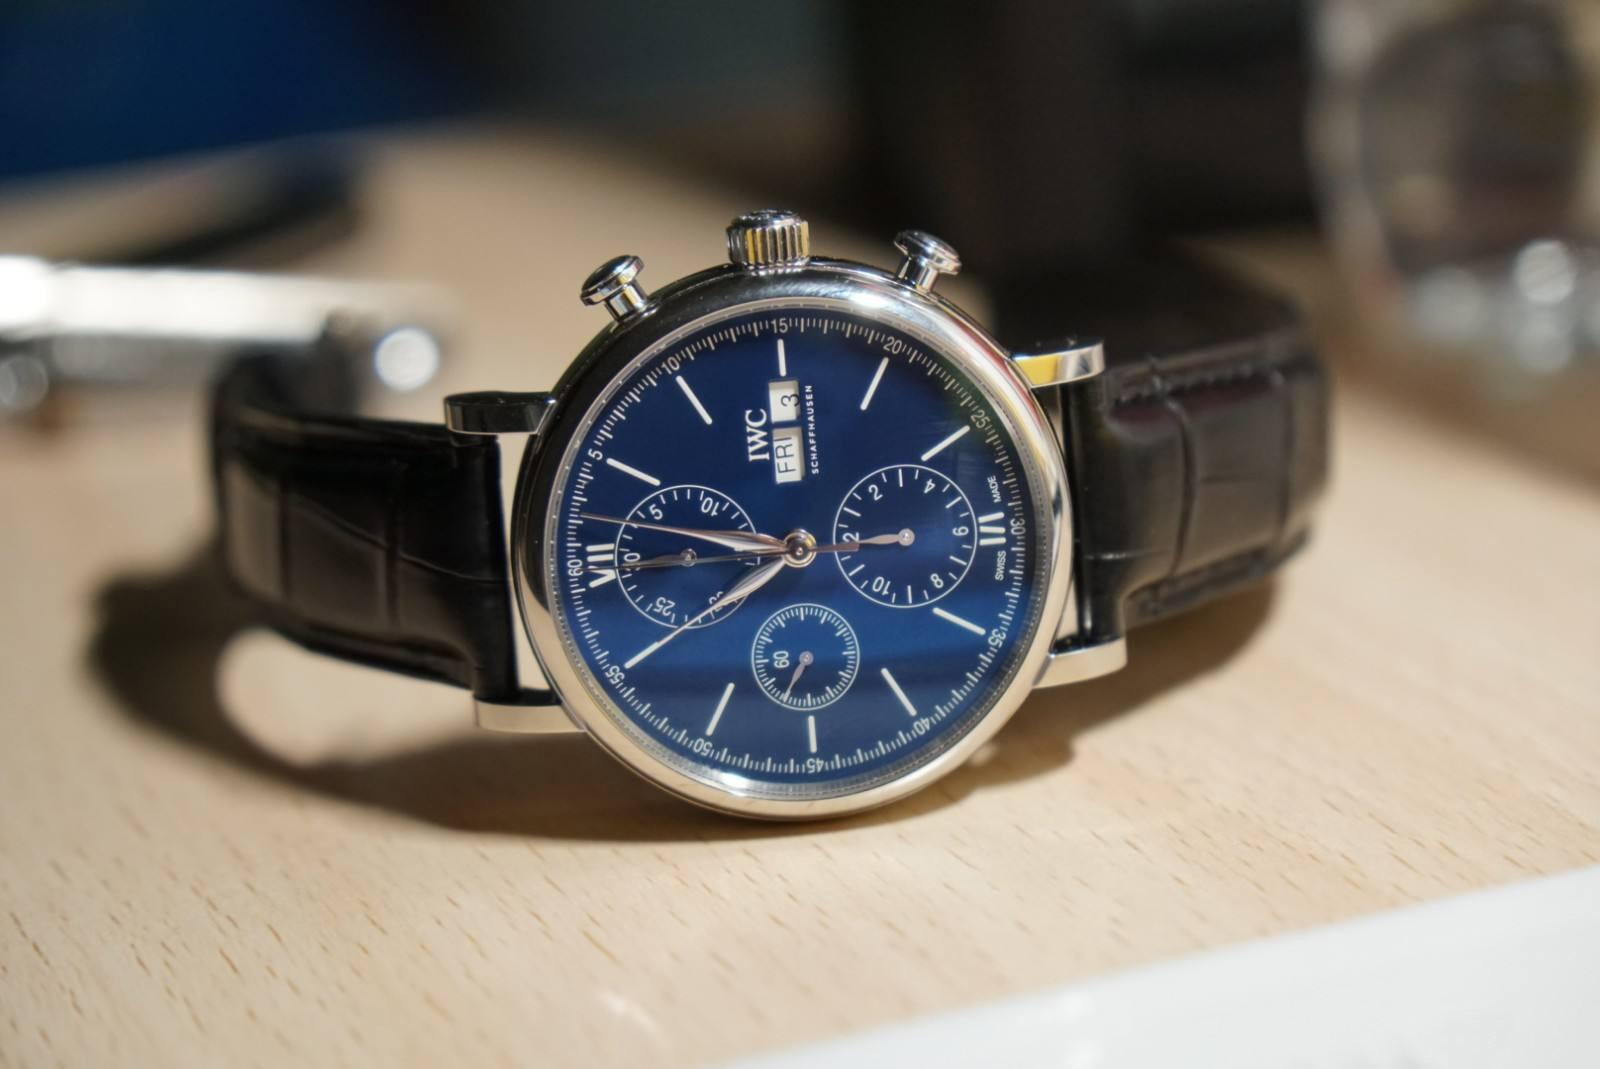 北京万国售后服务中心教你手表起雾处理方法